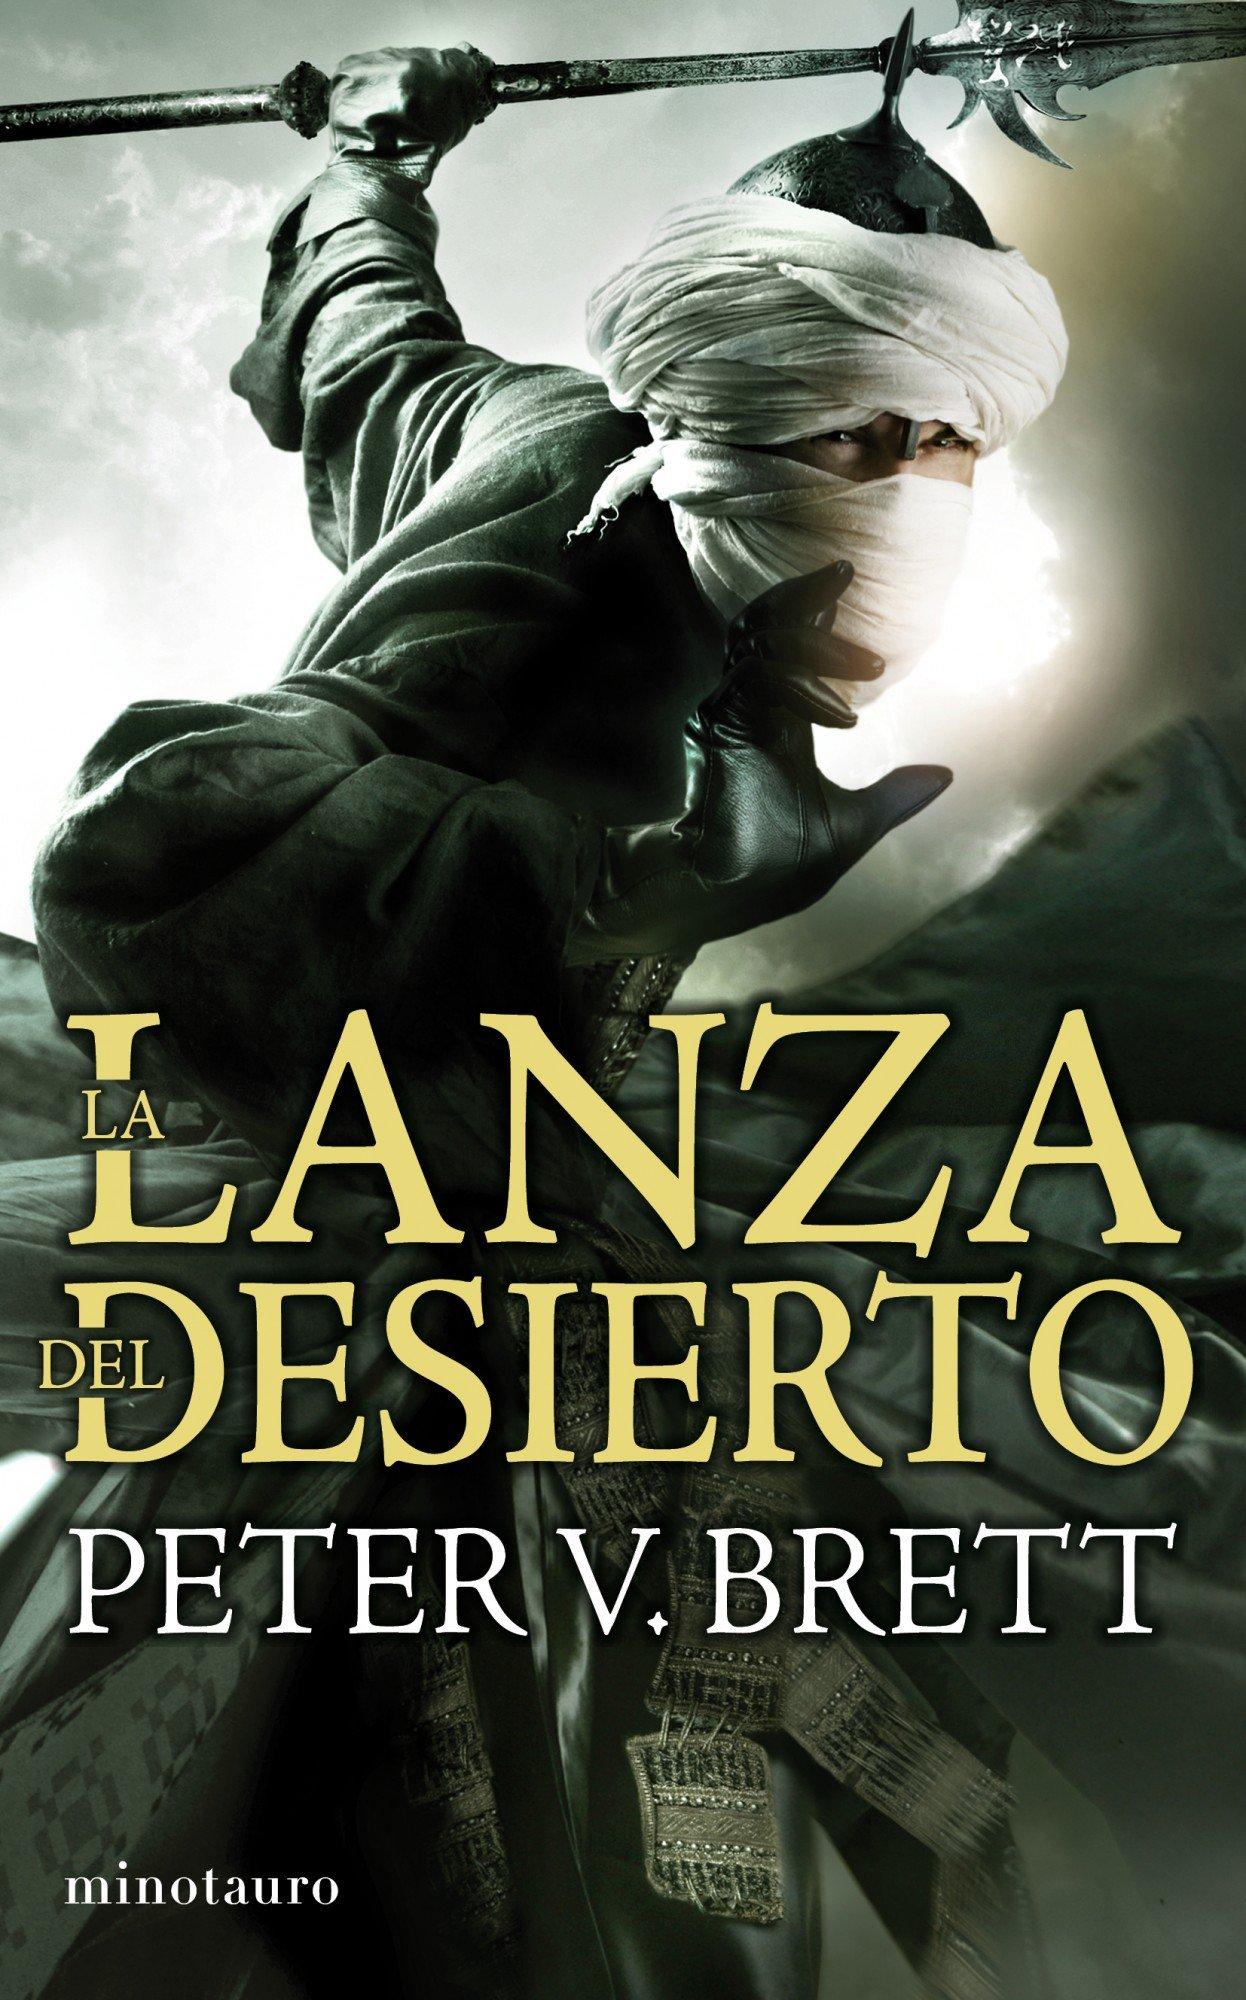 La Lanza del Desierto: La saga de los demonios. Libro II Fantasía: Amazon.es: Peter V. Brett, María Jesús Sánchez: Libros